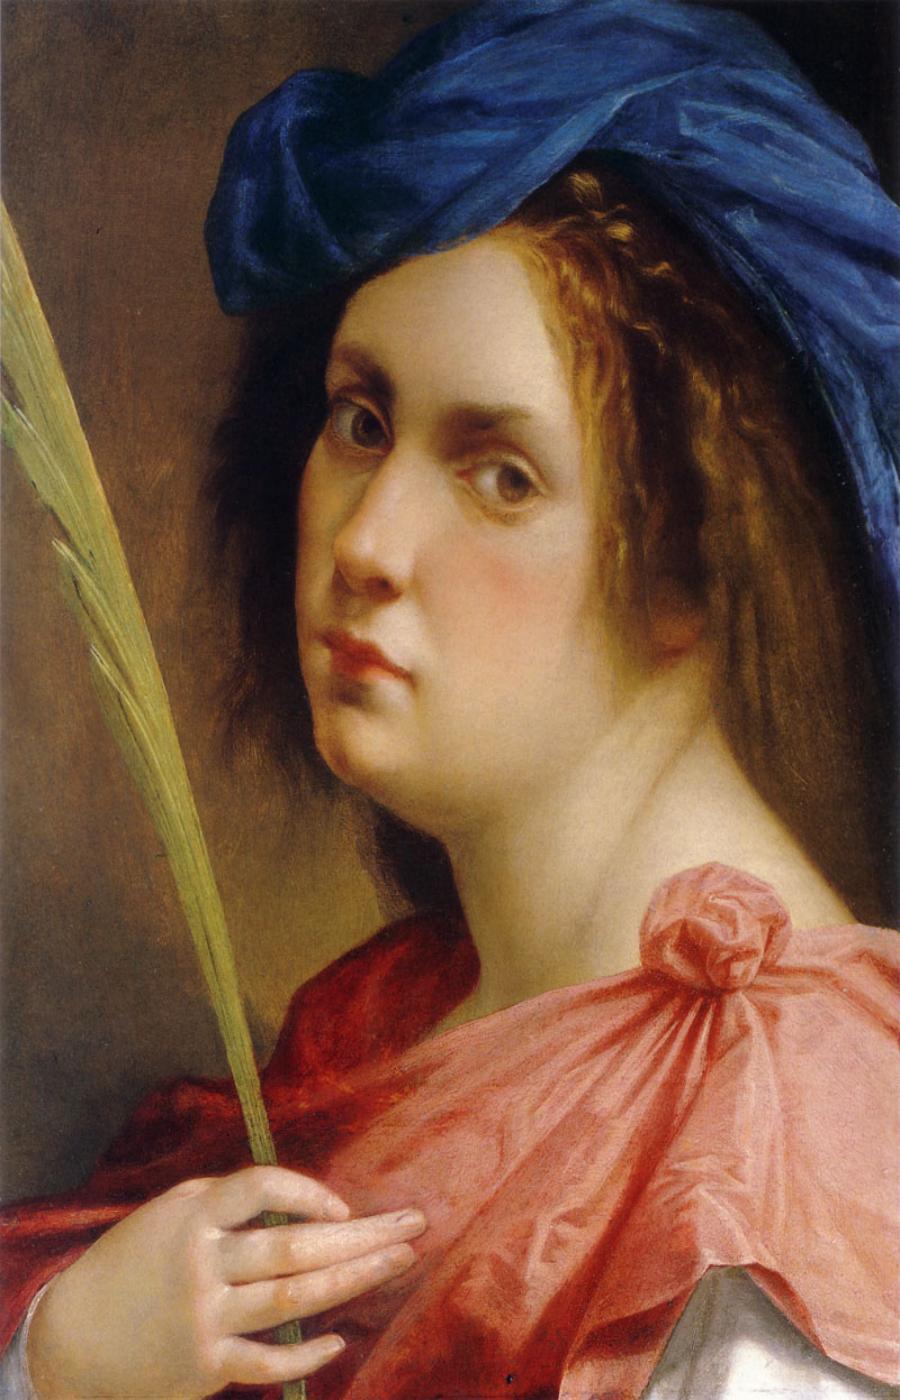 Artemisia Gentileschi. Autorretrato como mártir, Colección privada